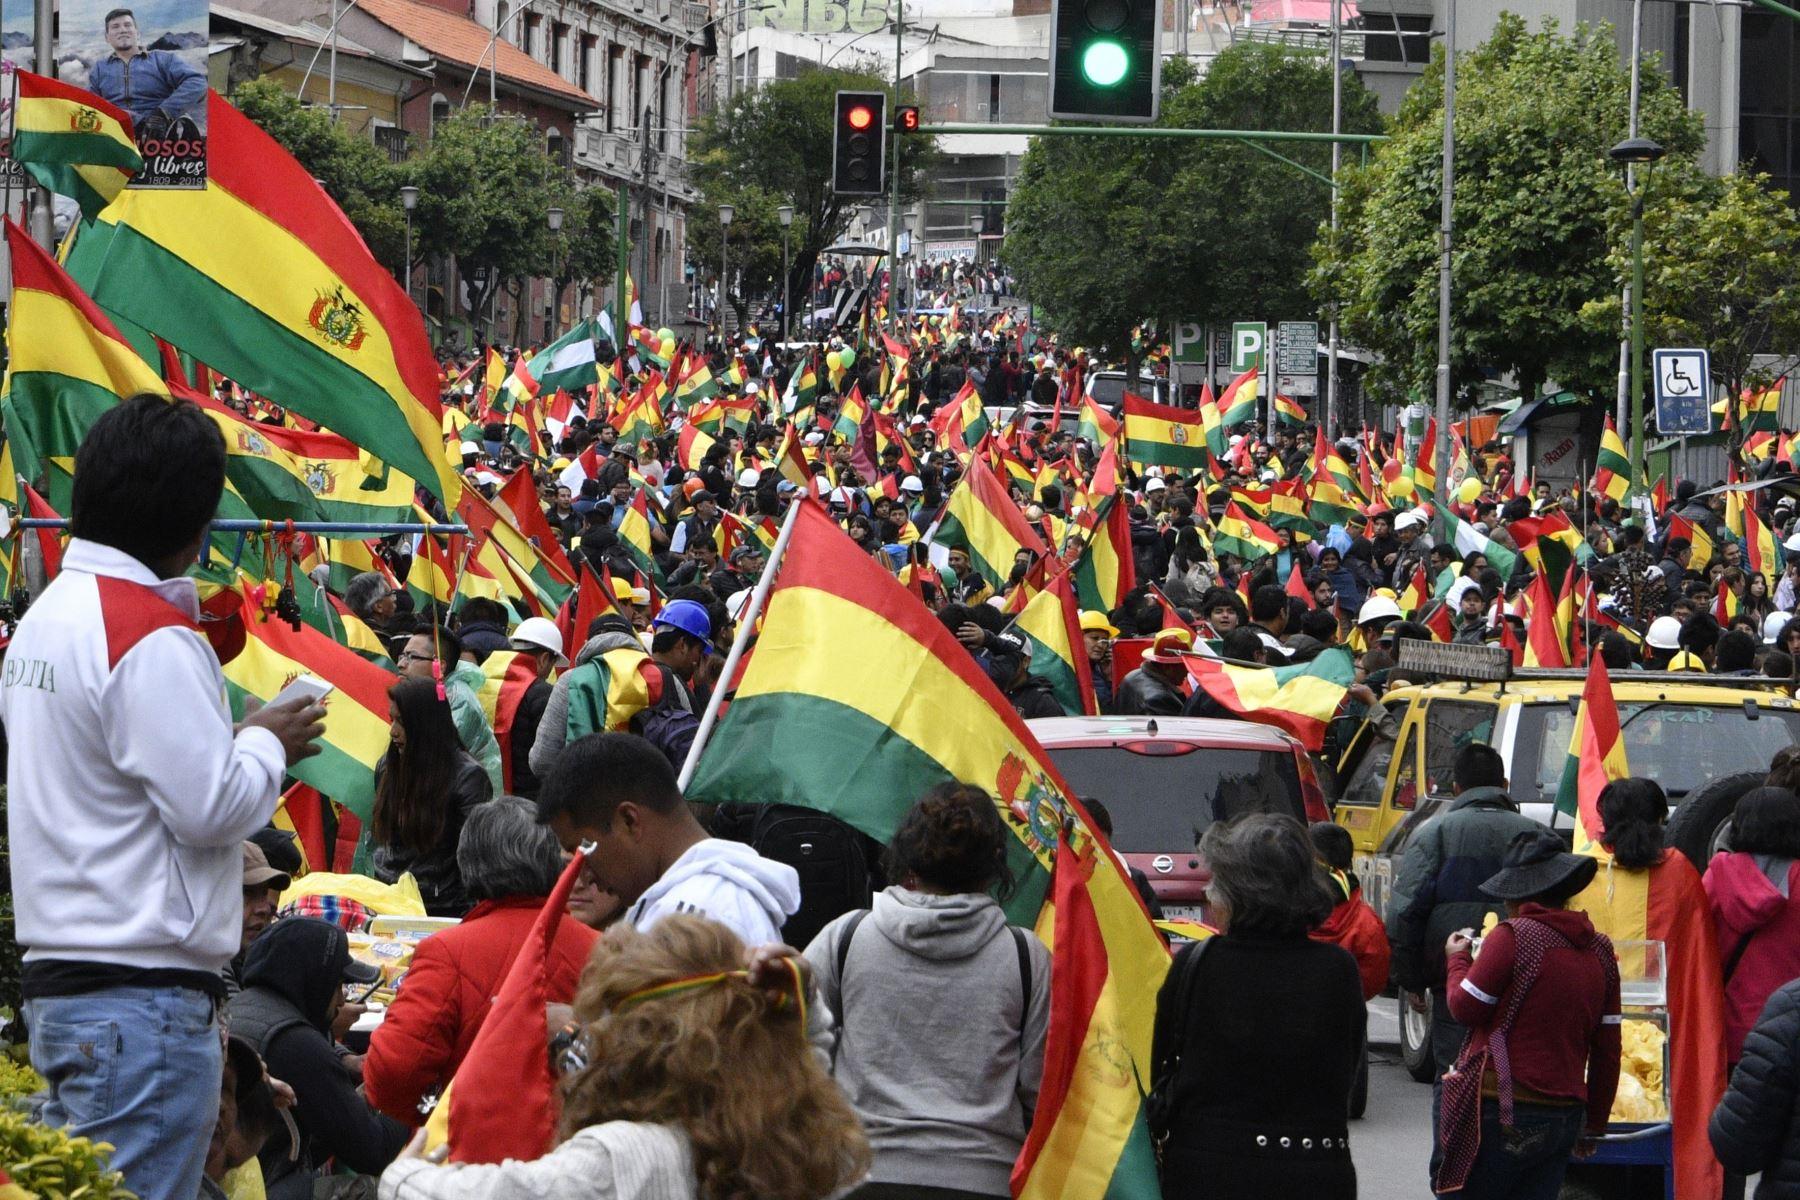 Morales anunció su renuncia el domingo, cediendo en las siguientes tres semanas de protestas a veces violentas por su disputada reelección después del ejército y la policía.  Foto: AFP